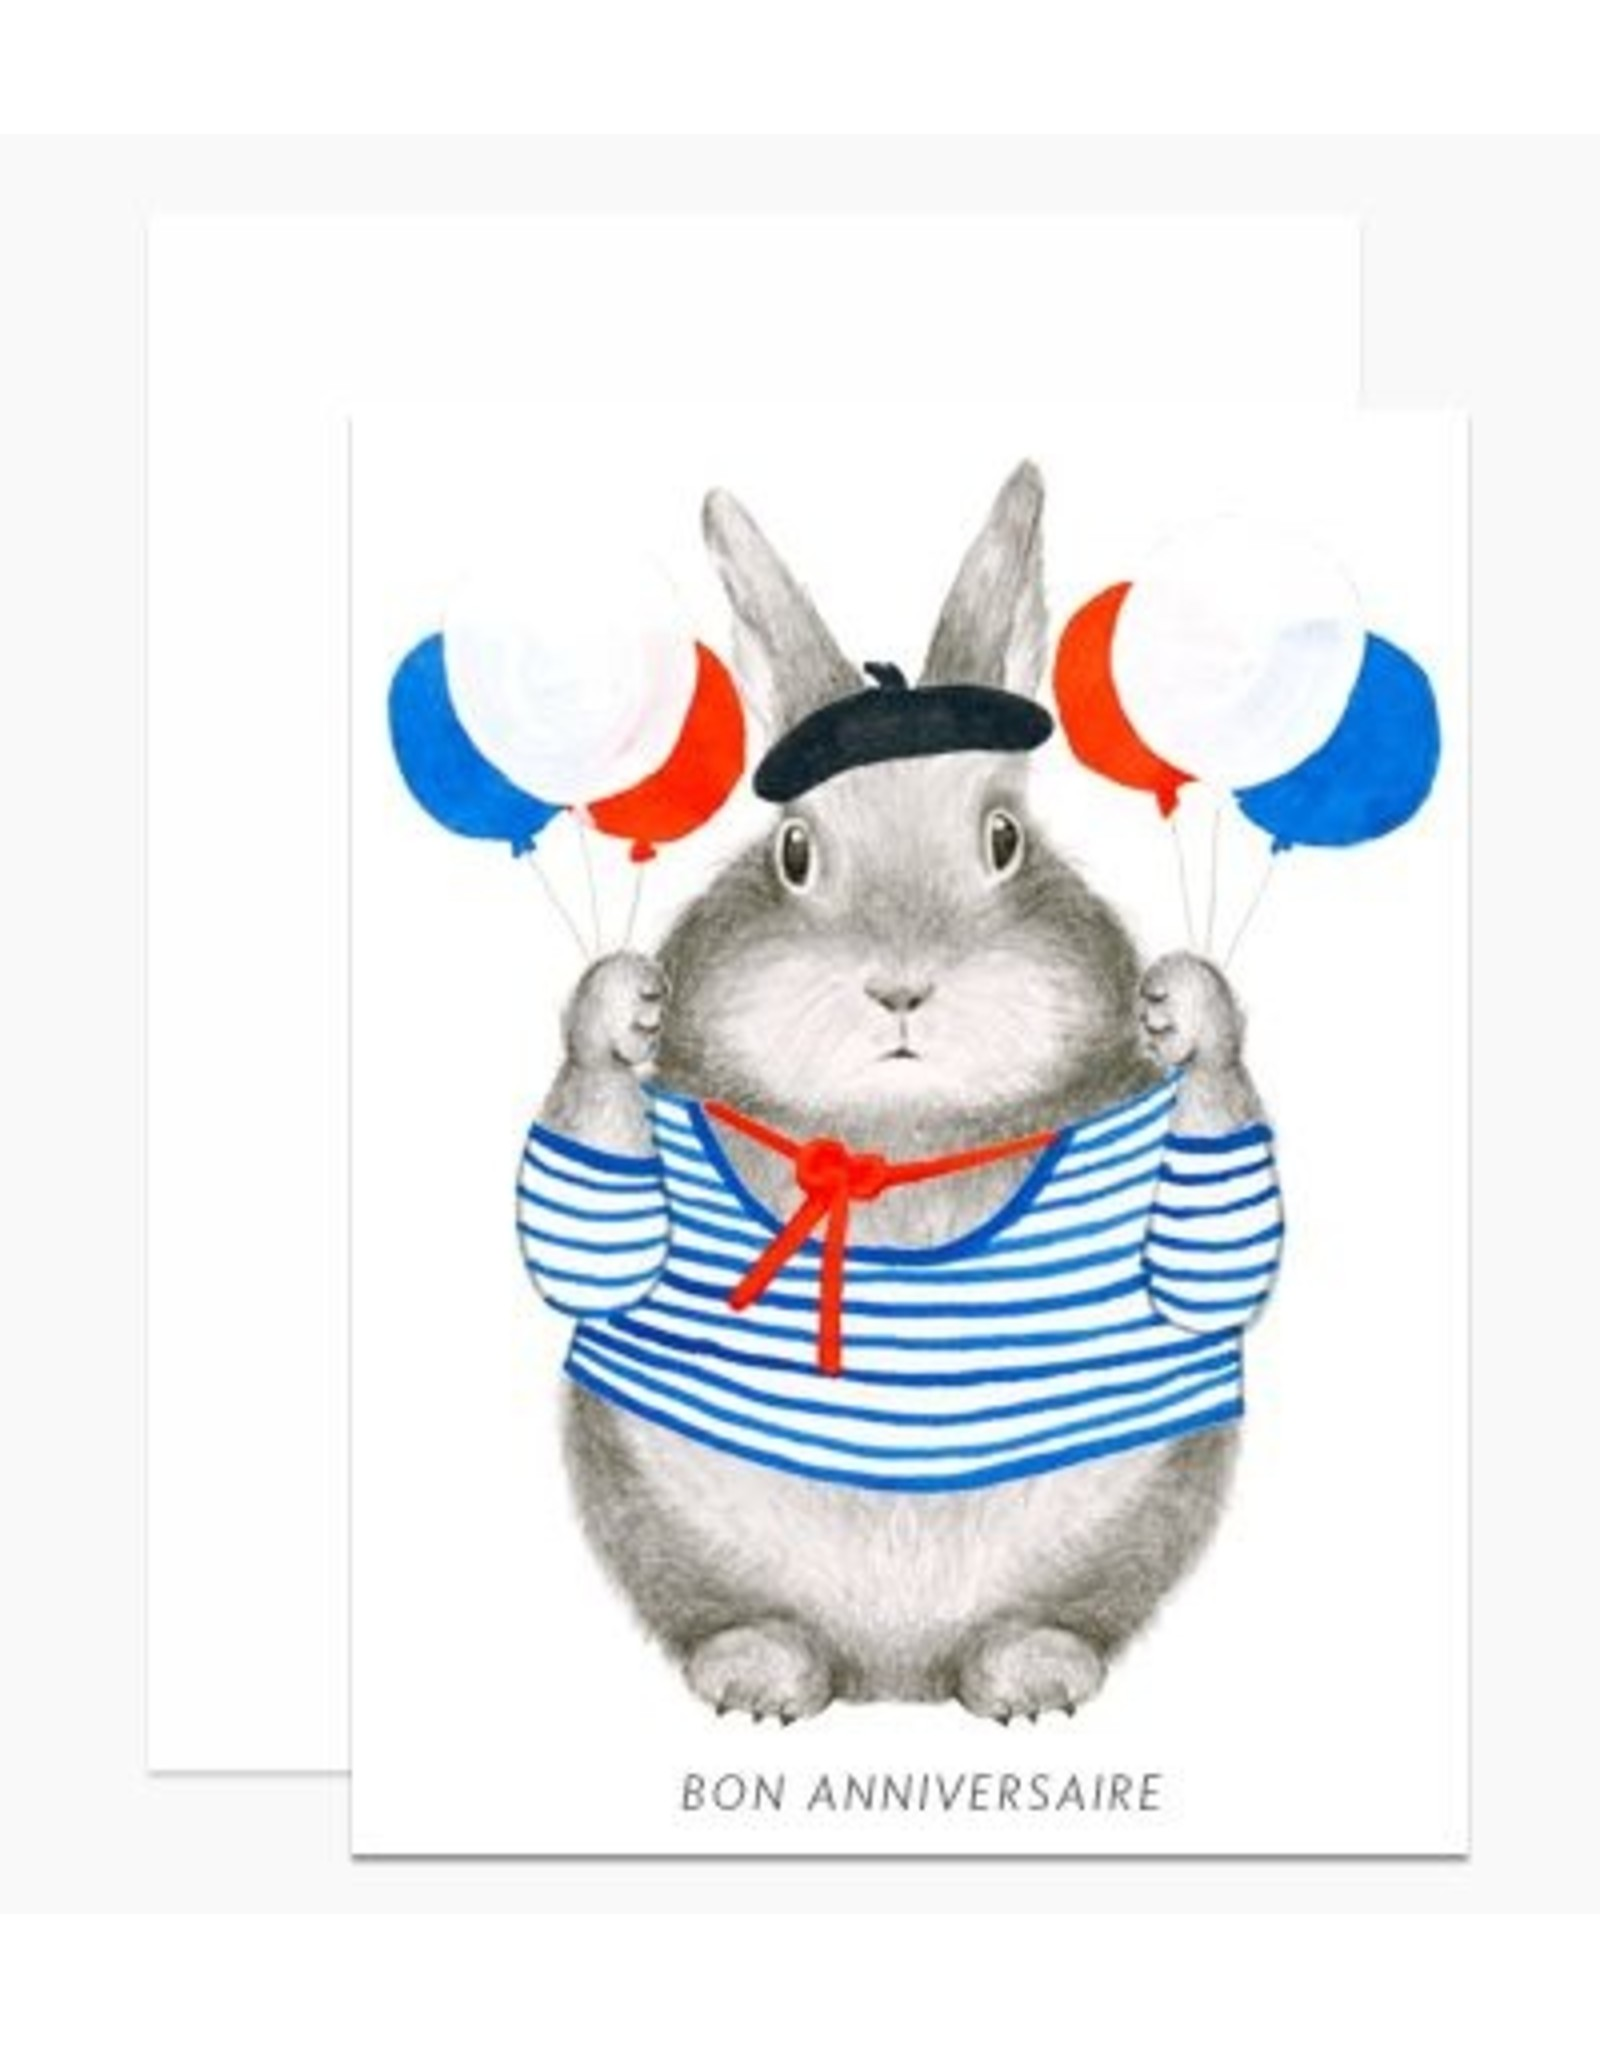 Birthday Card: Bon Anniversaire